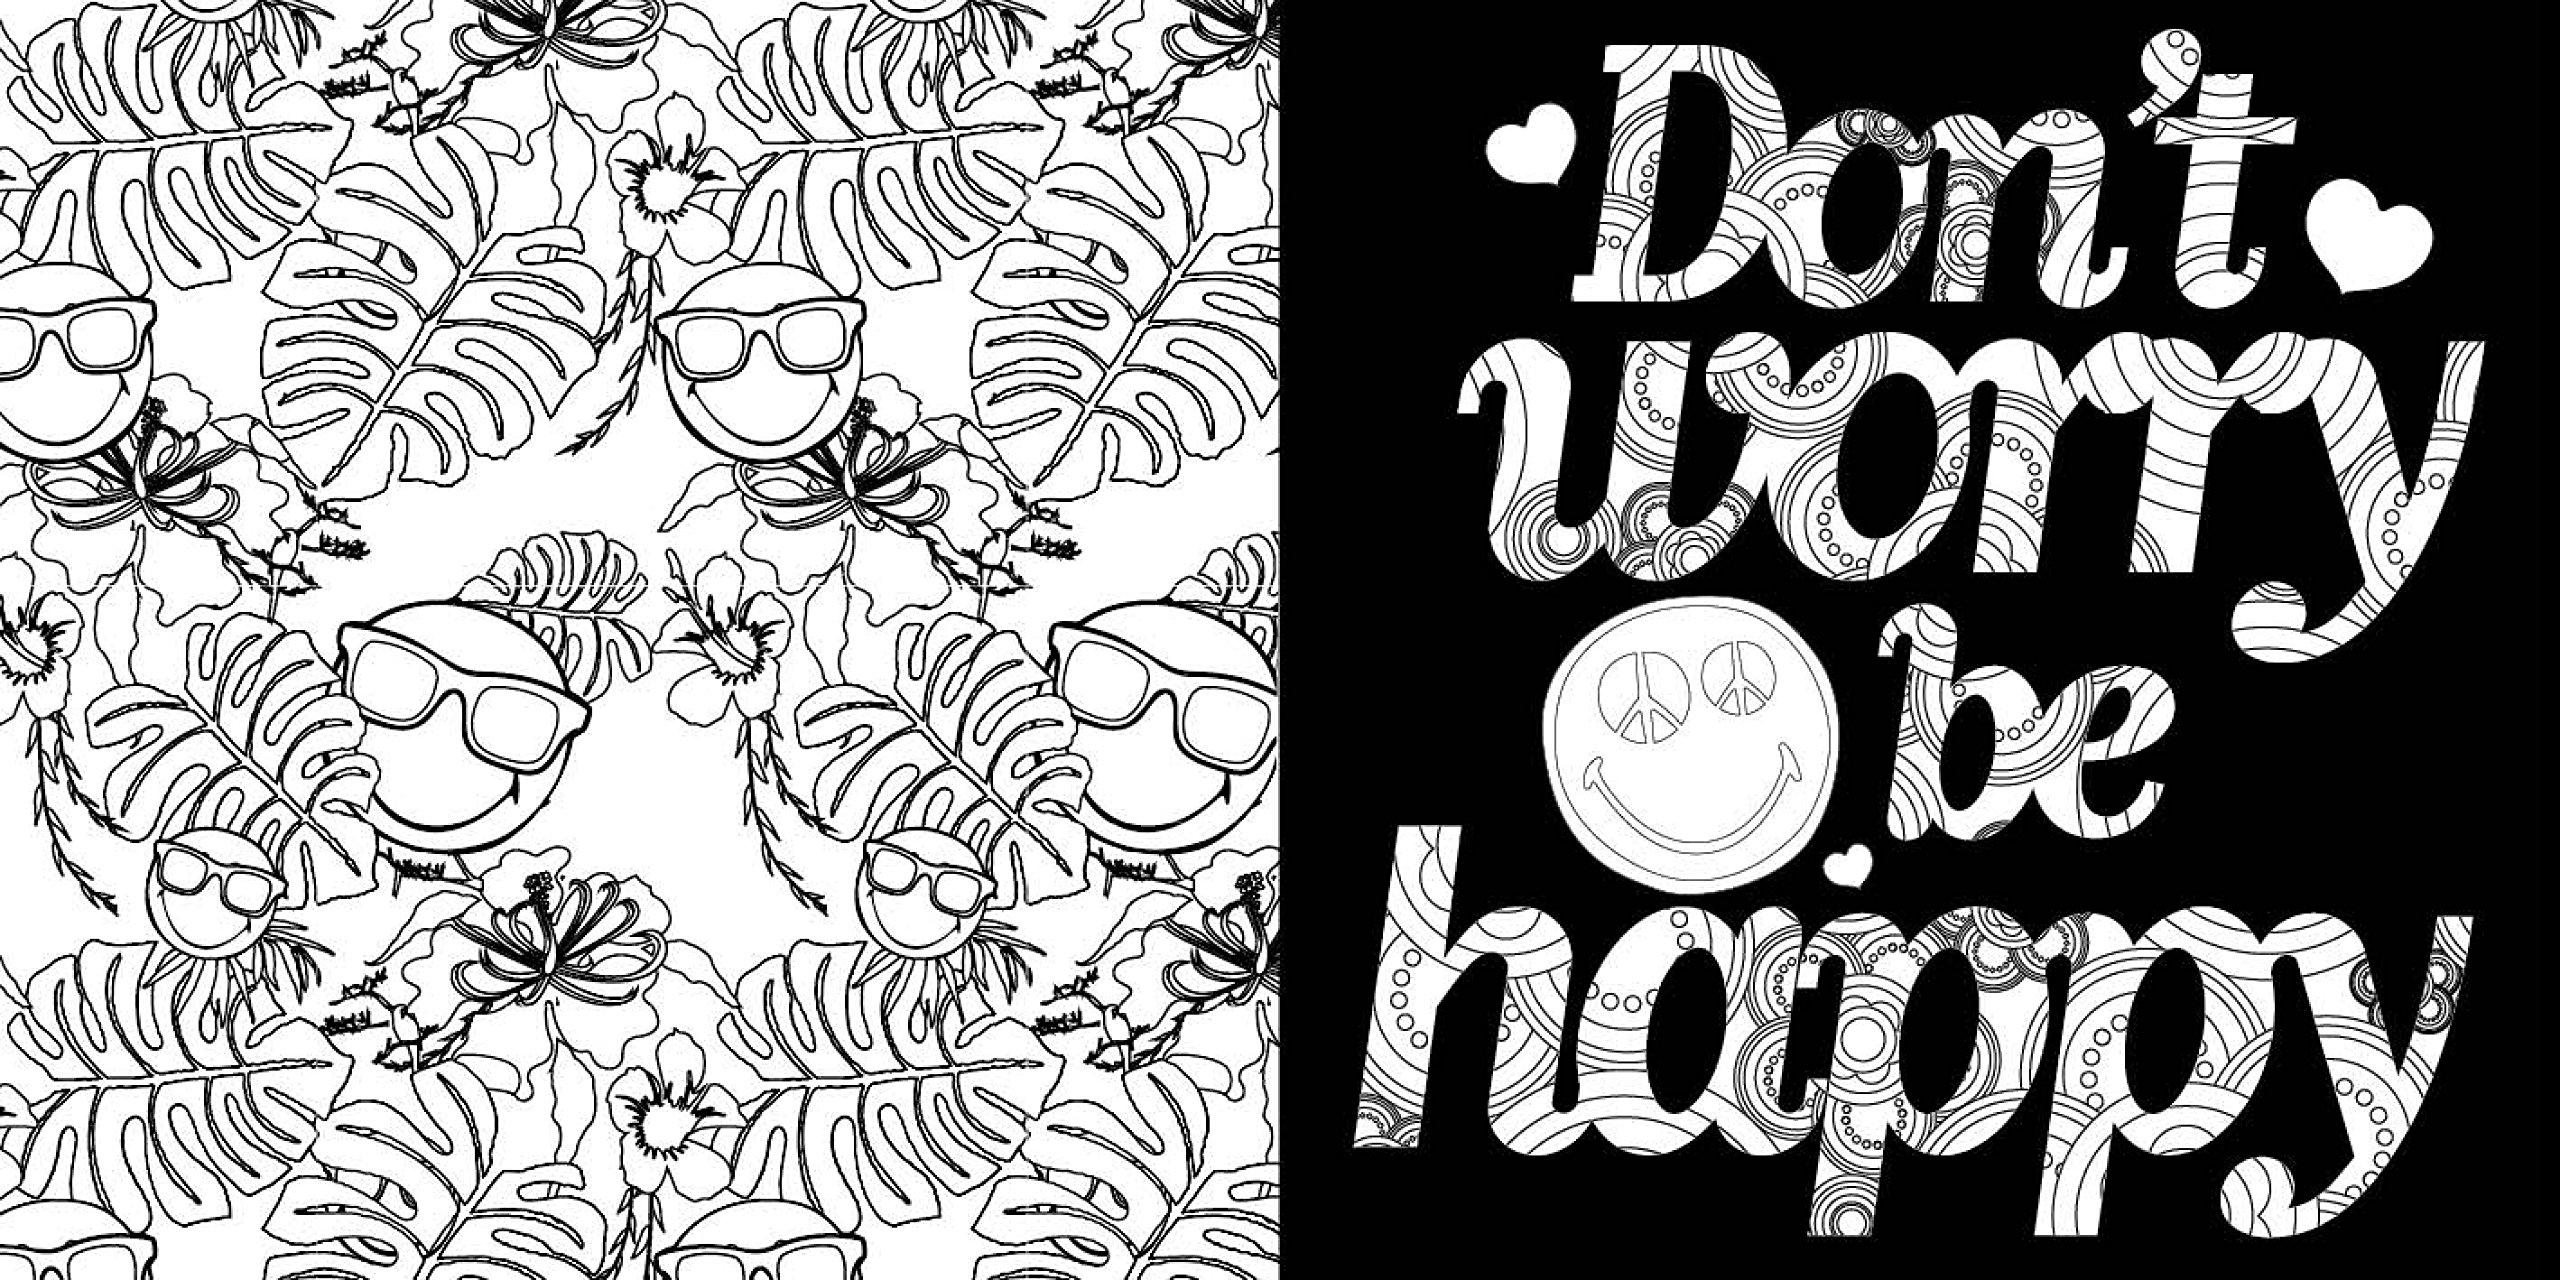 Coloriage Smiley.Smiley World Coloriage D Urgence Pour Retrouver Sa Bonne Humeur